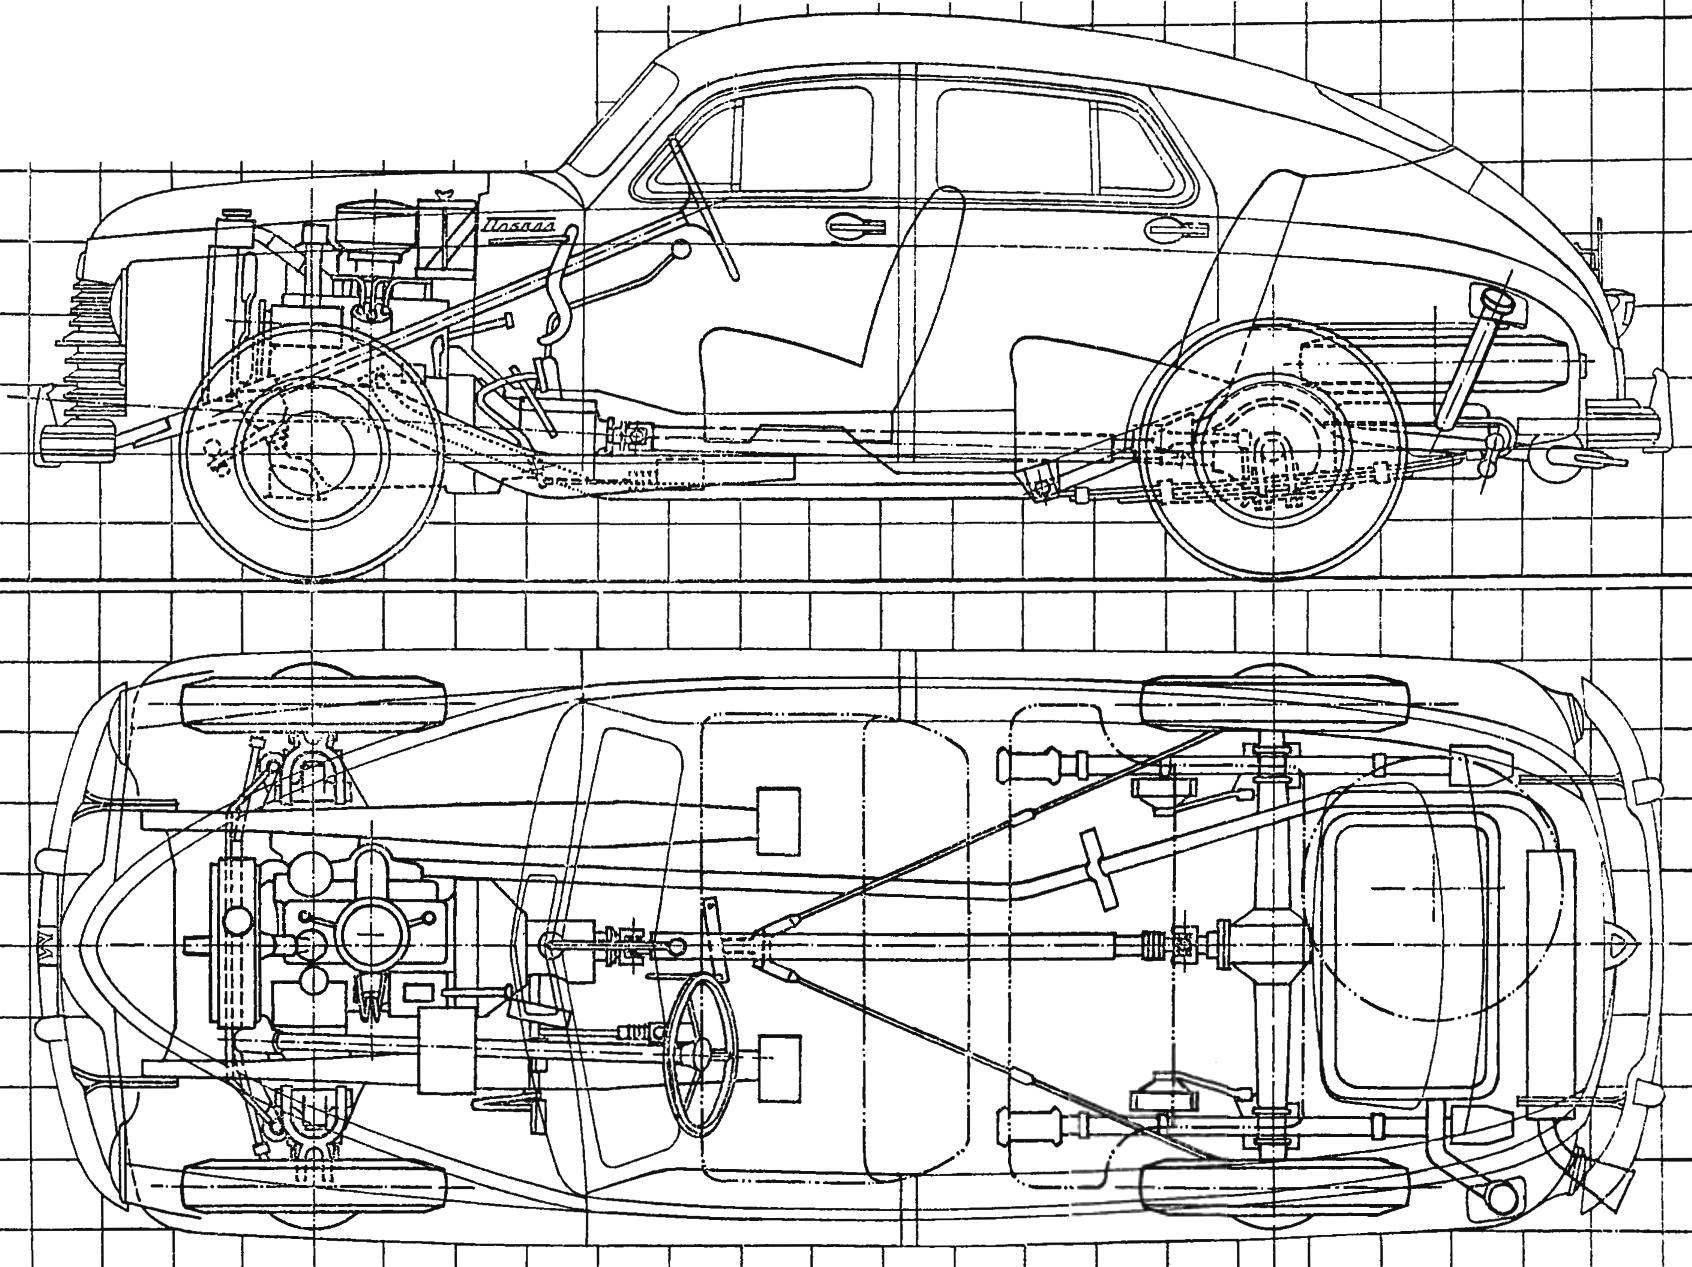 Компоновка автомобиля «Победа» ГАЗ-М20 первого выпуска (сторона квадрата координатной сетки составляет 200 мм)